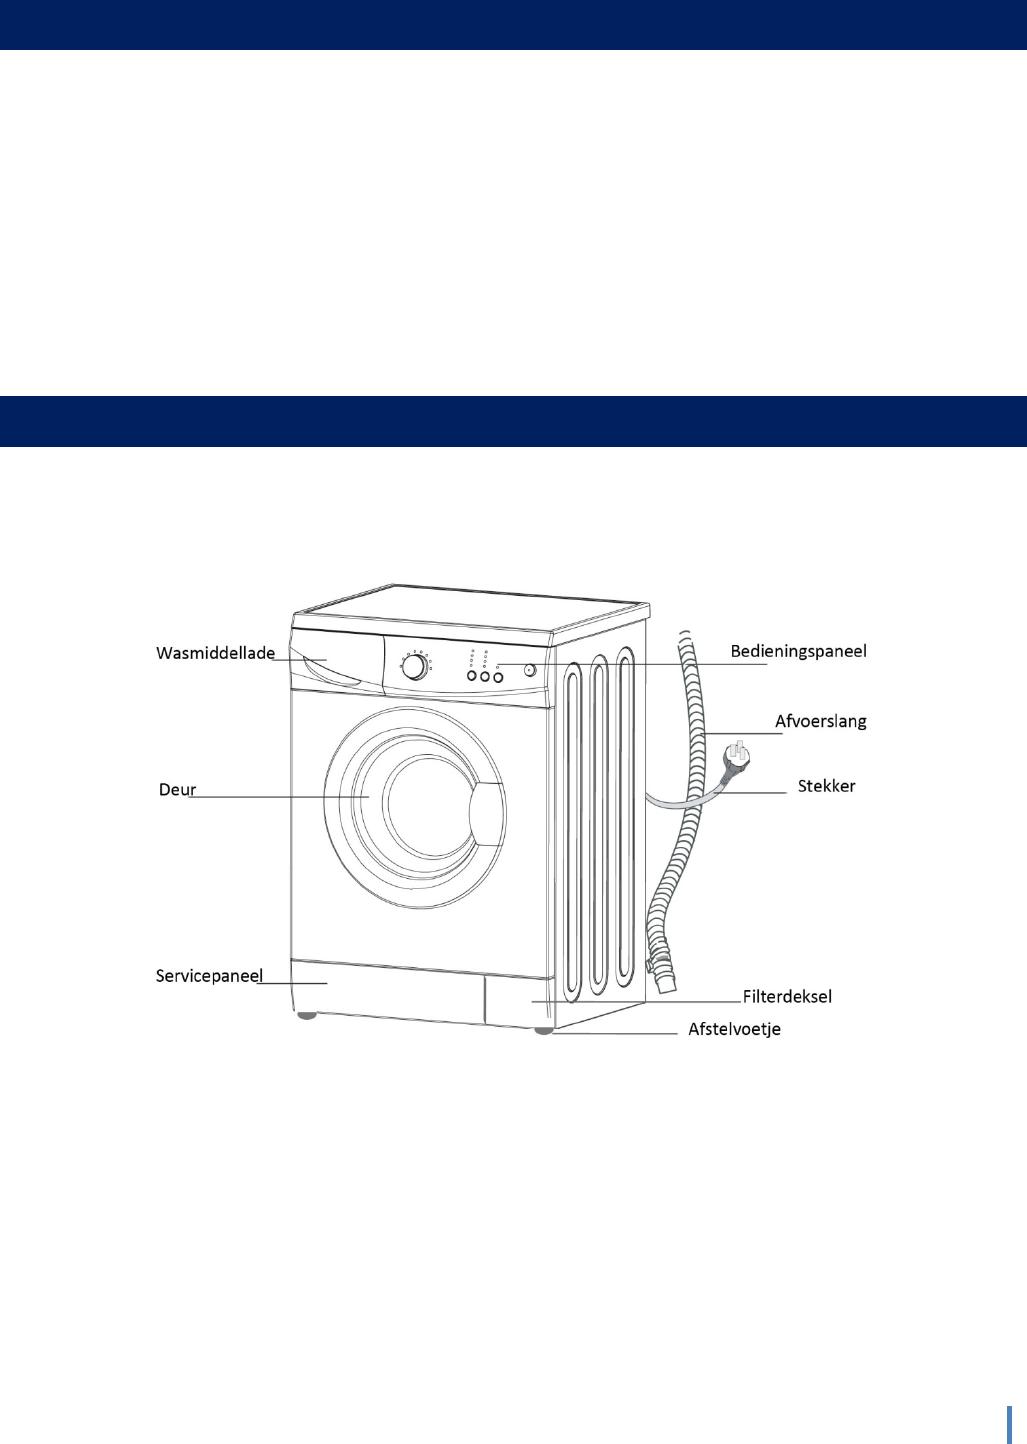 Spiksplinternieuw Handleiding WhiteLine MT 1062 LED (pagina 2 van 19) (Nederlands) XL-14